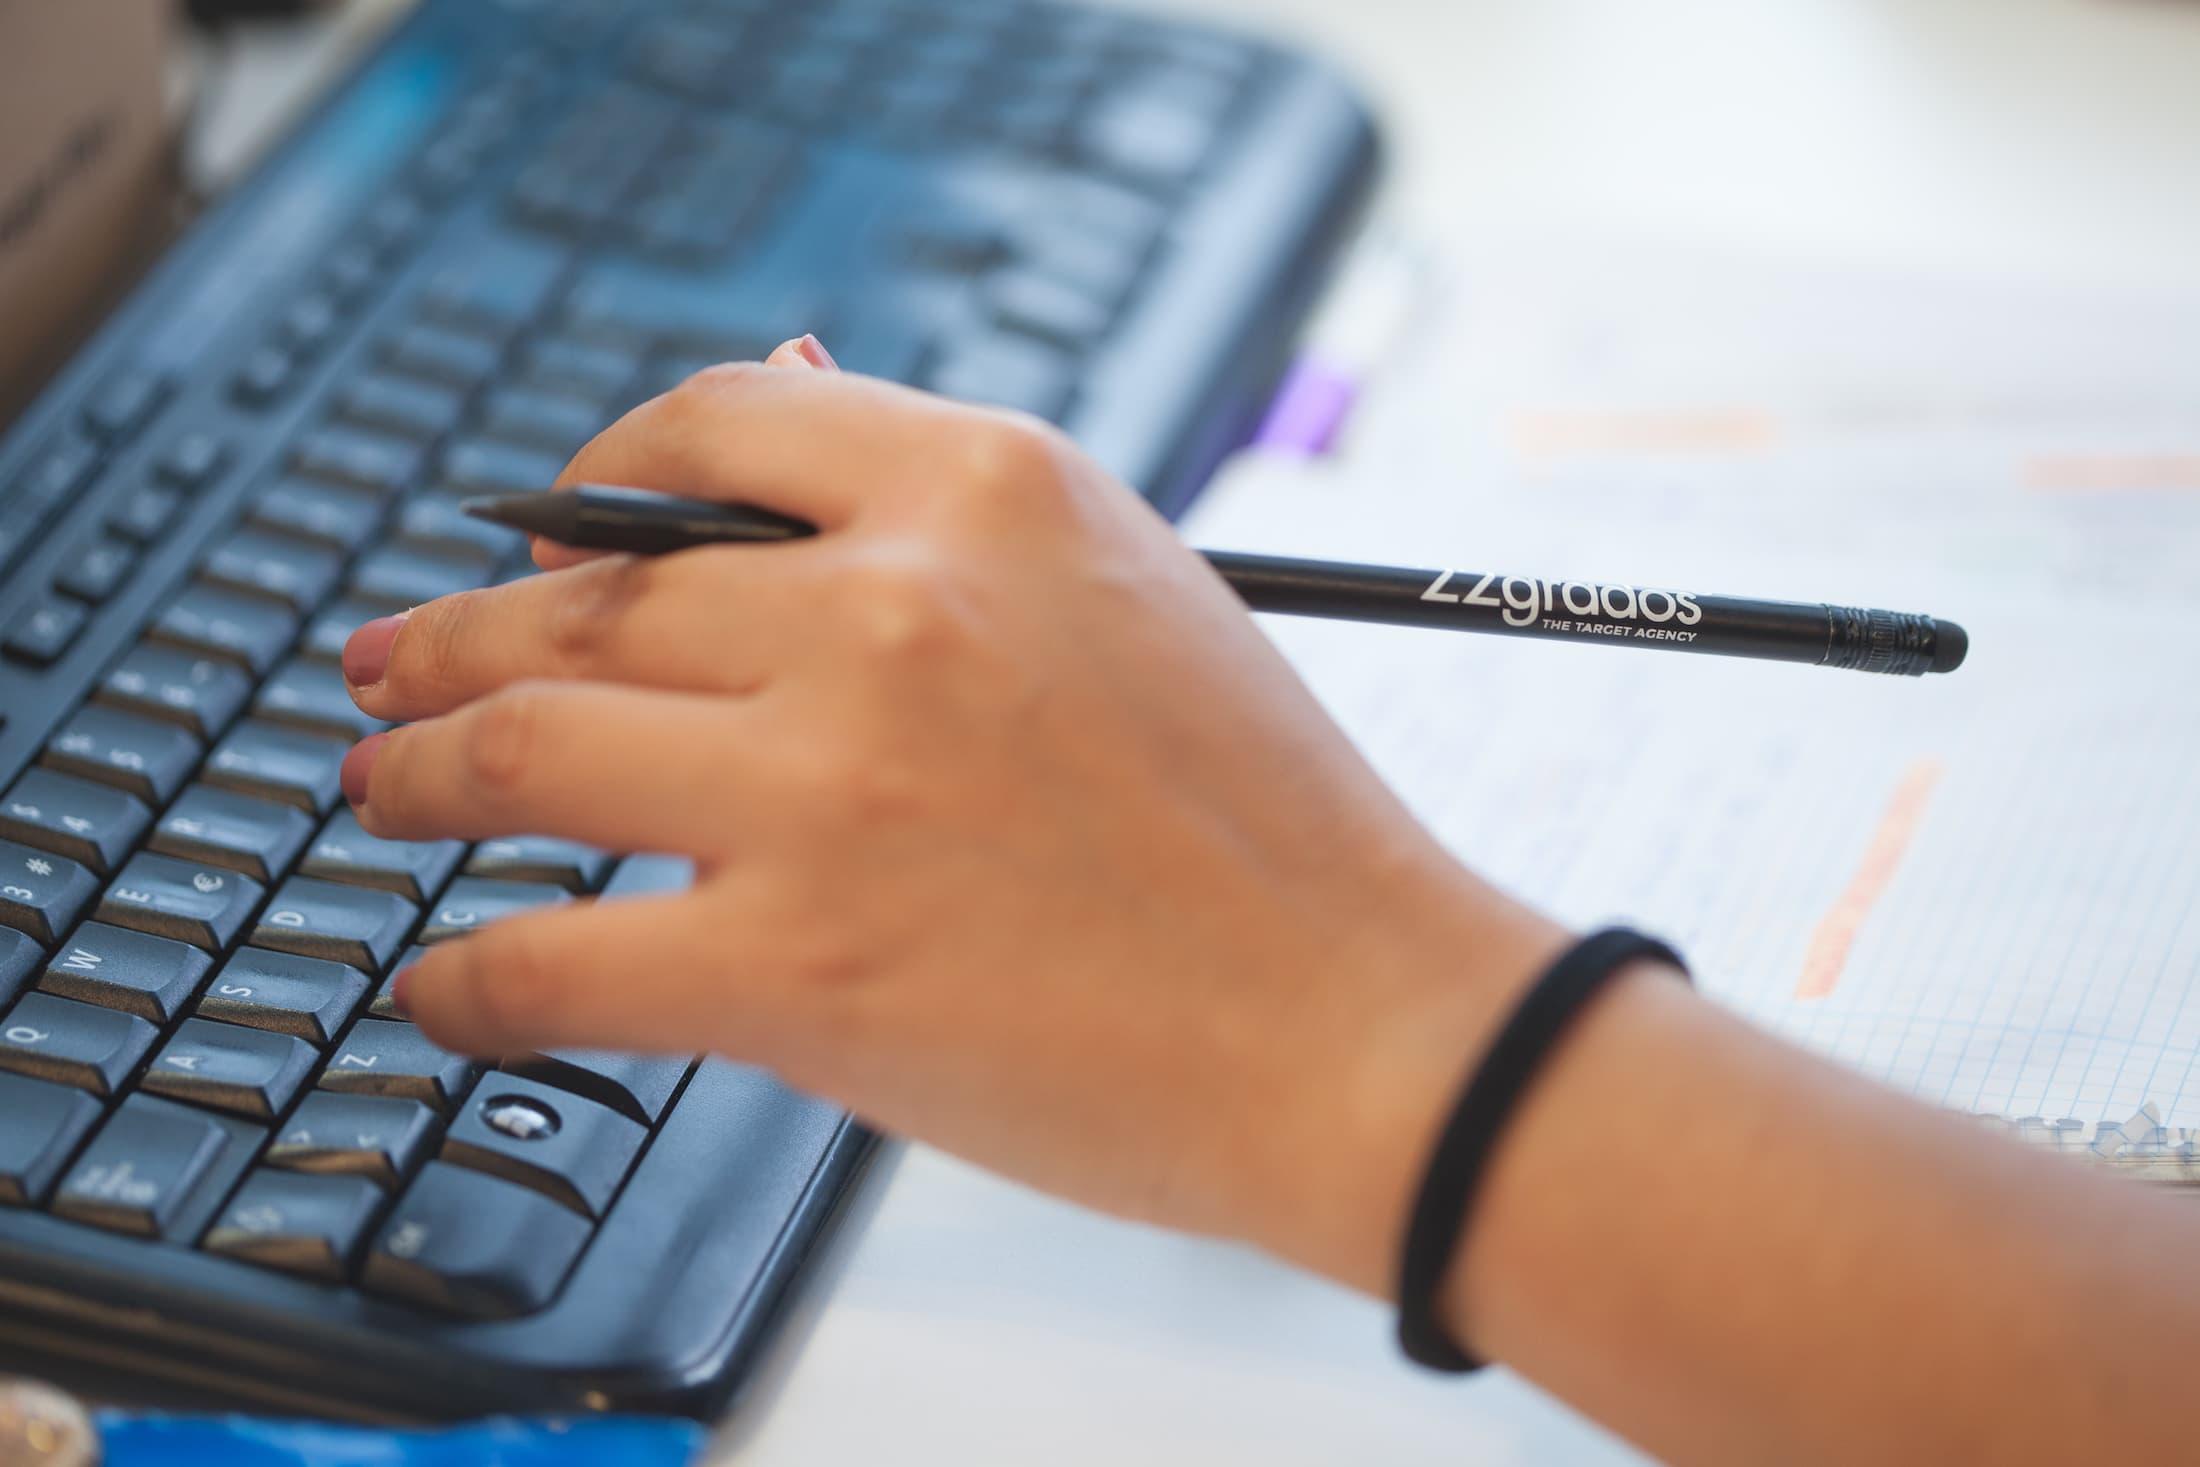 Buscamos perfiles de diseñador y desarrollador Front-End para unirse a nuestro equipo en 22gradosº